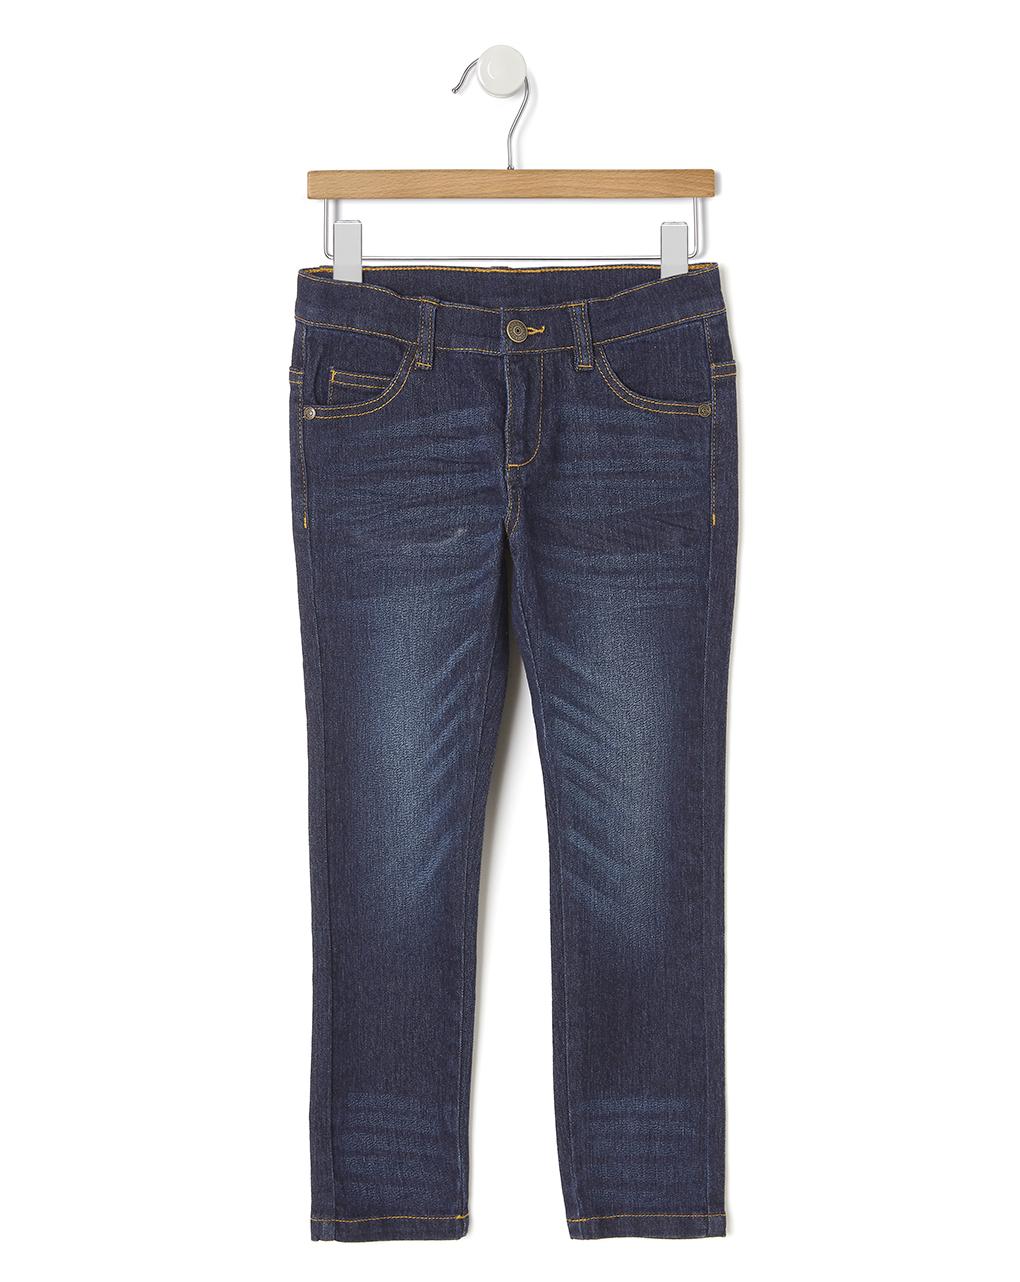 Παντελόνι Denim Basic για Κορίτσι